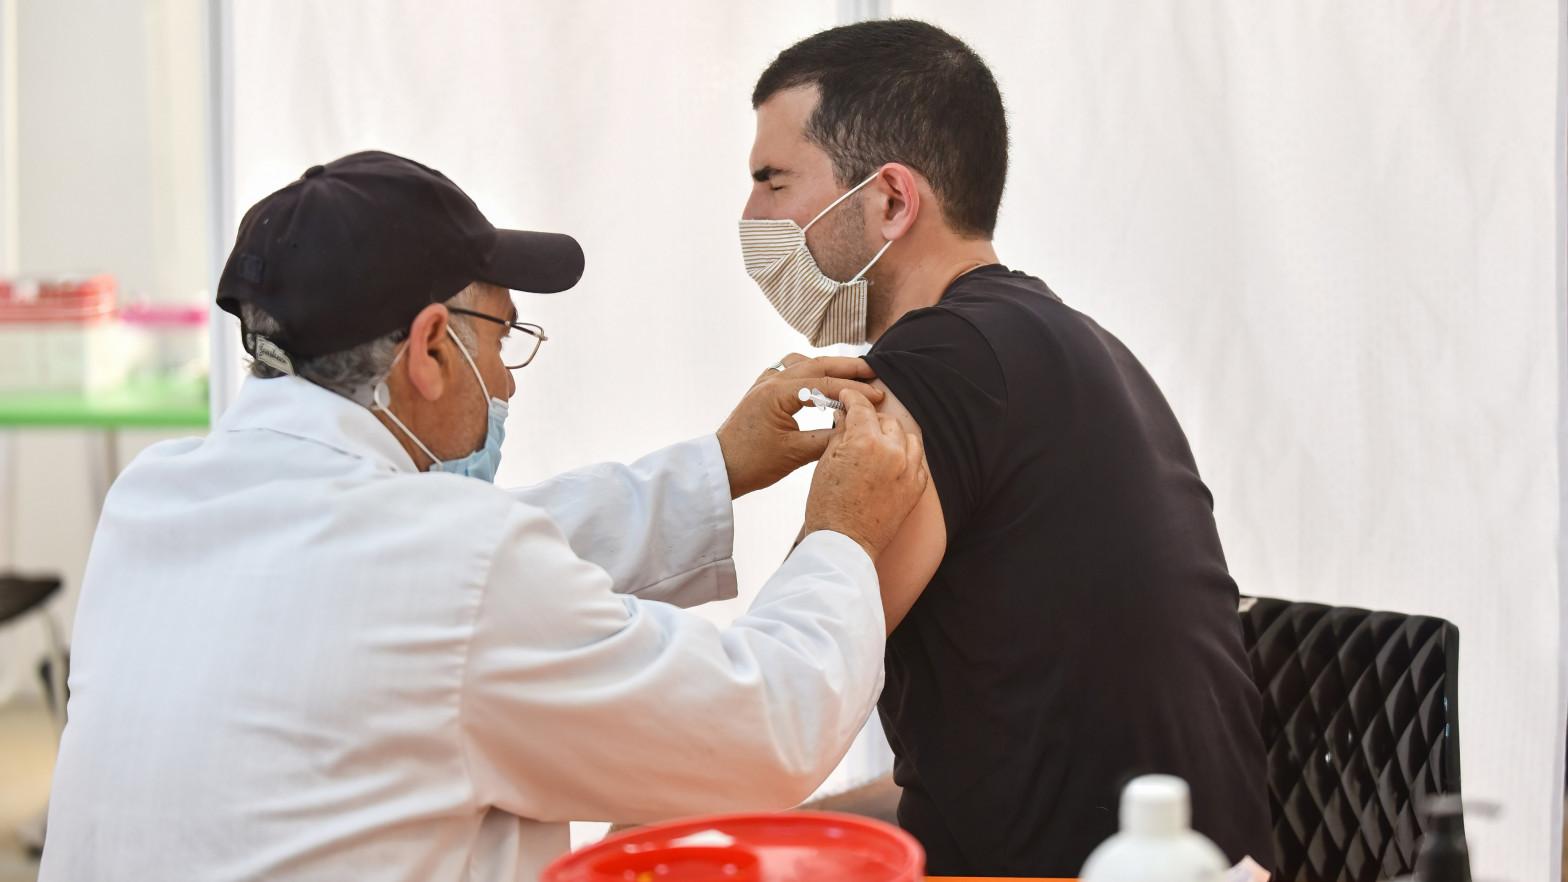 La EMA registra 13 casos de trombos tras vacunarse de Pfizer y Moderna, pero sin abrir una investigación